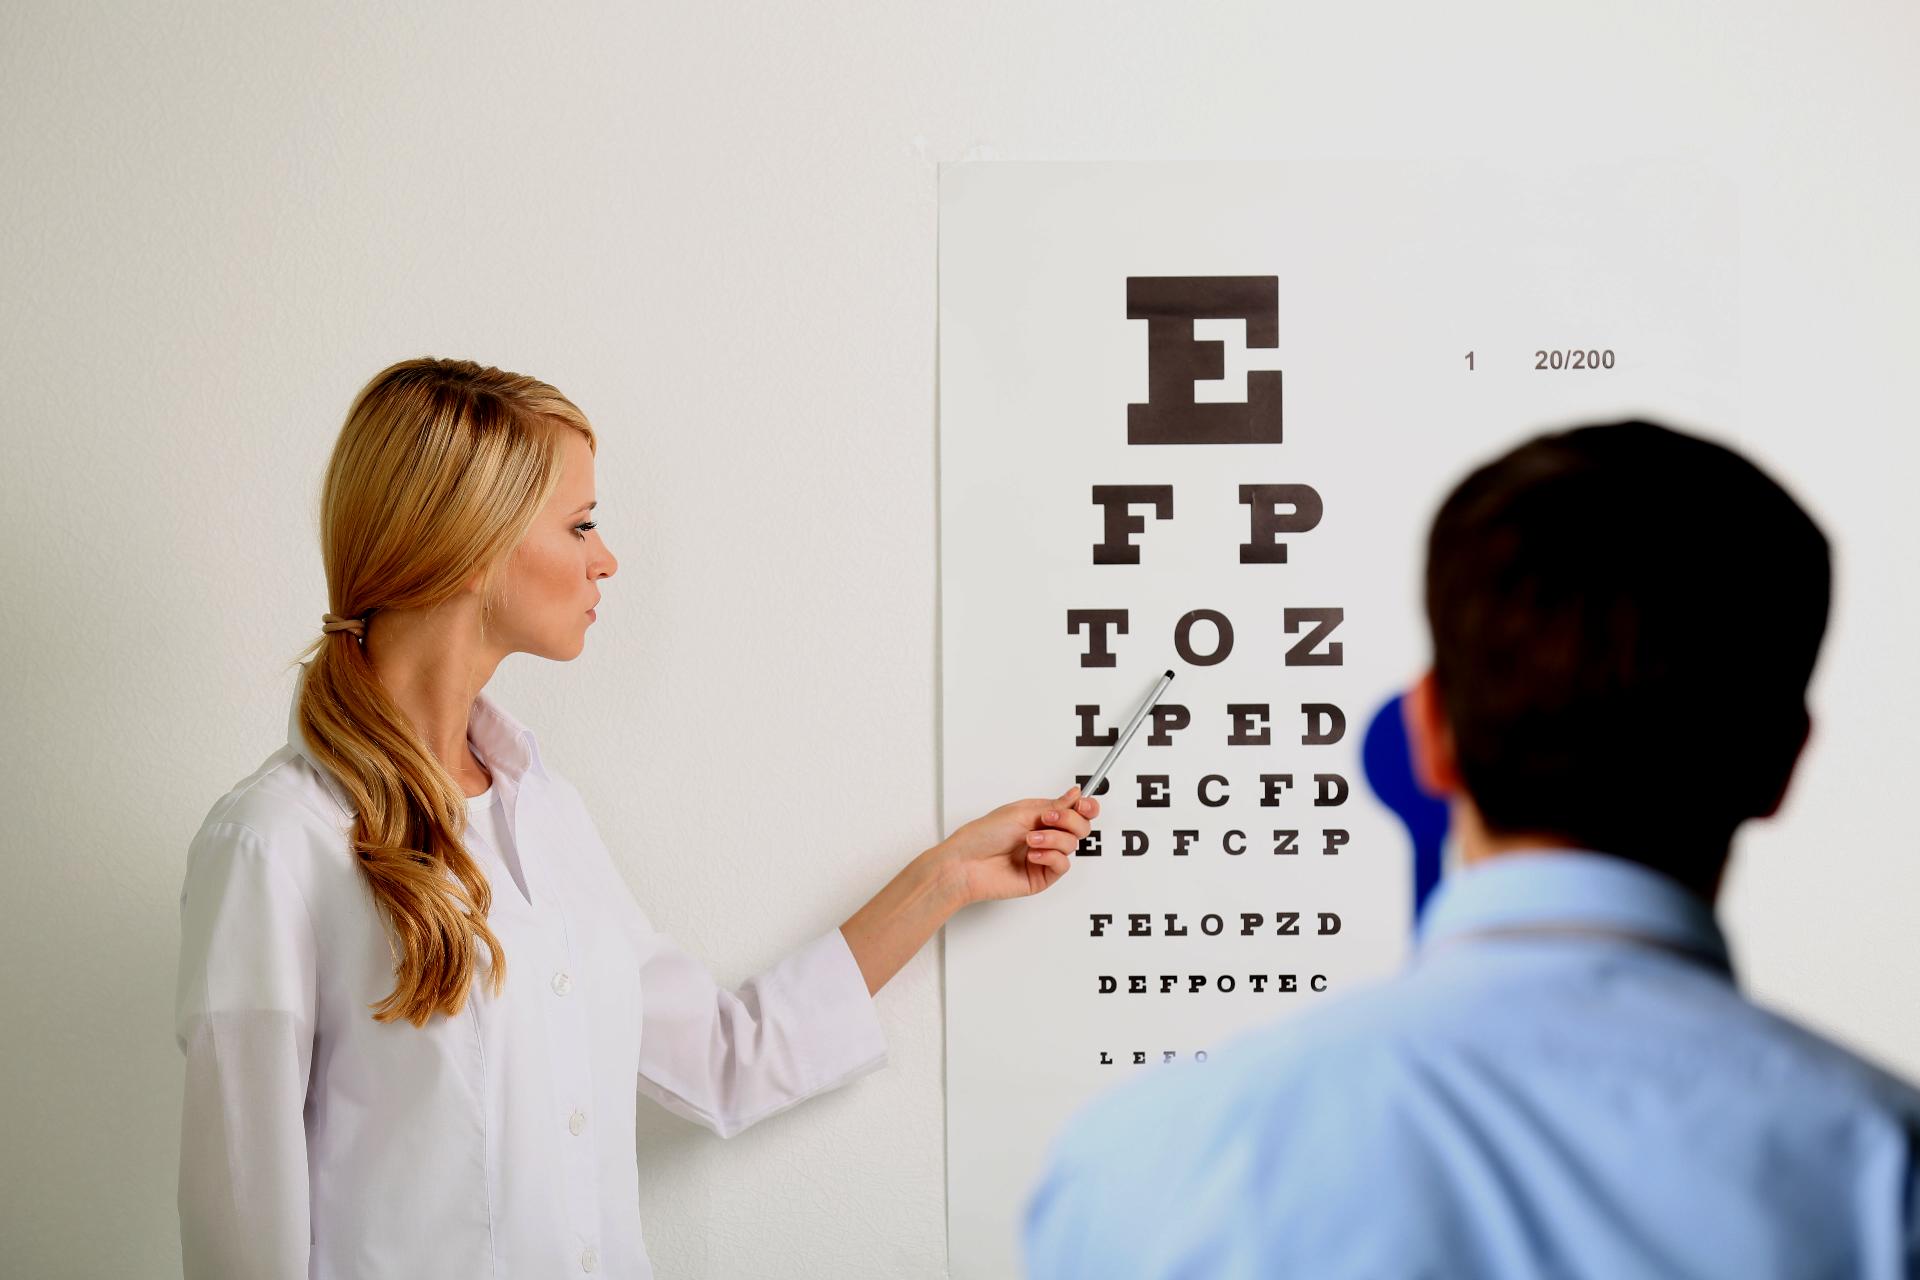 mais uma vitória dos optometristas desta vez em joão pessoa